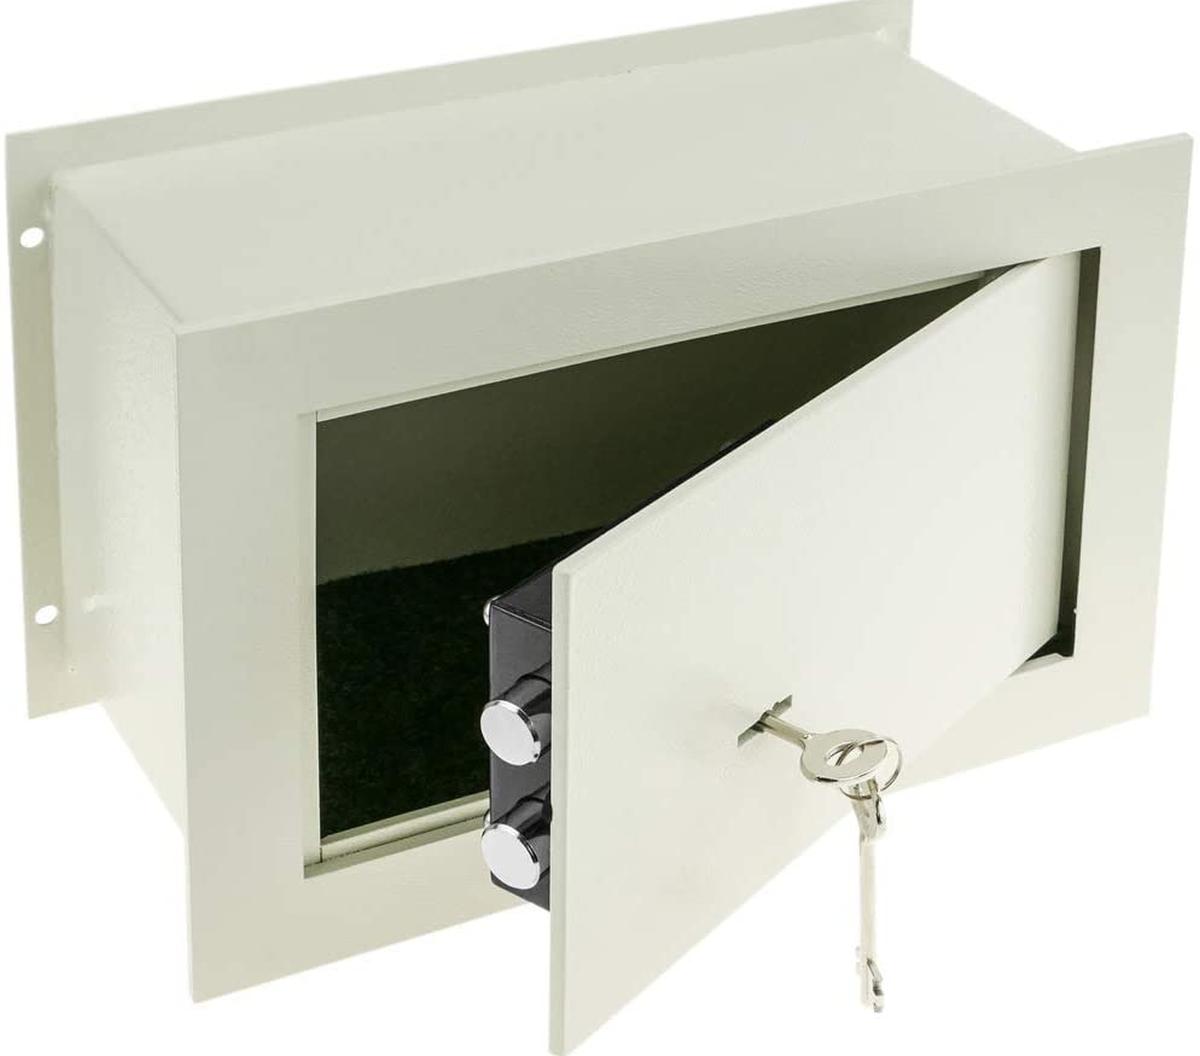 cassaforte-meccanica-a-muro-con-chiave-acciaio-rinforzato-colore-beige